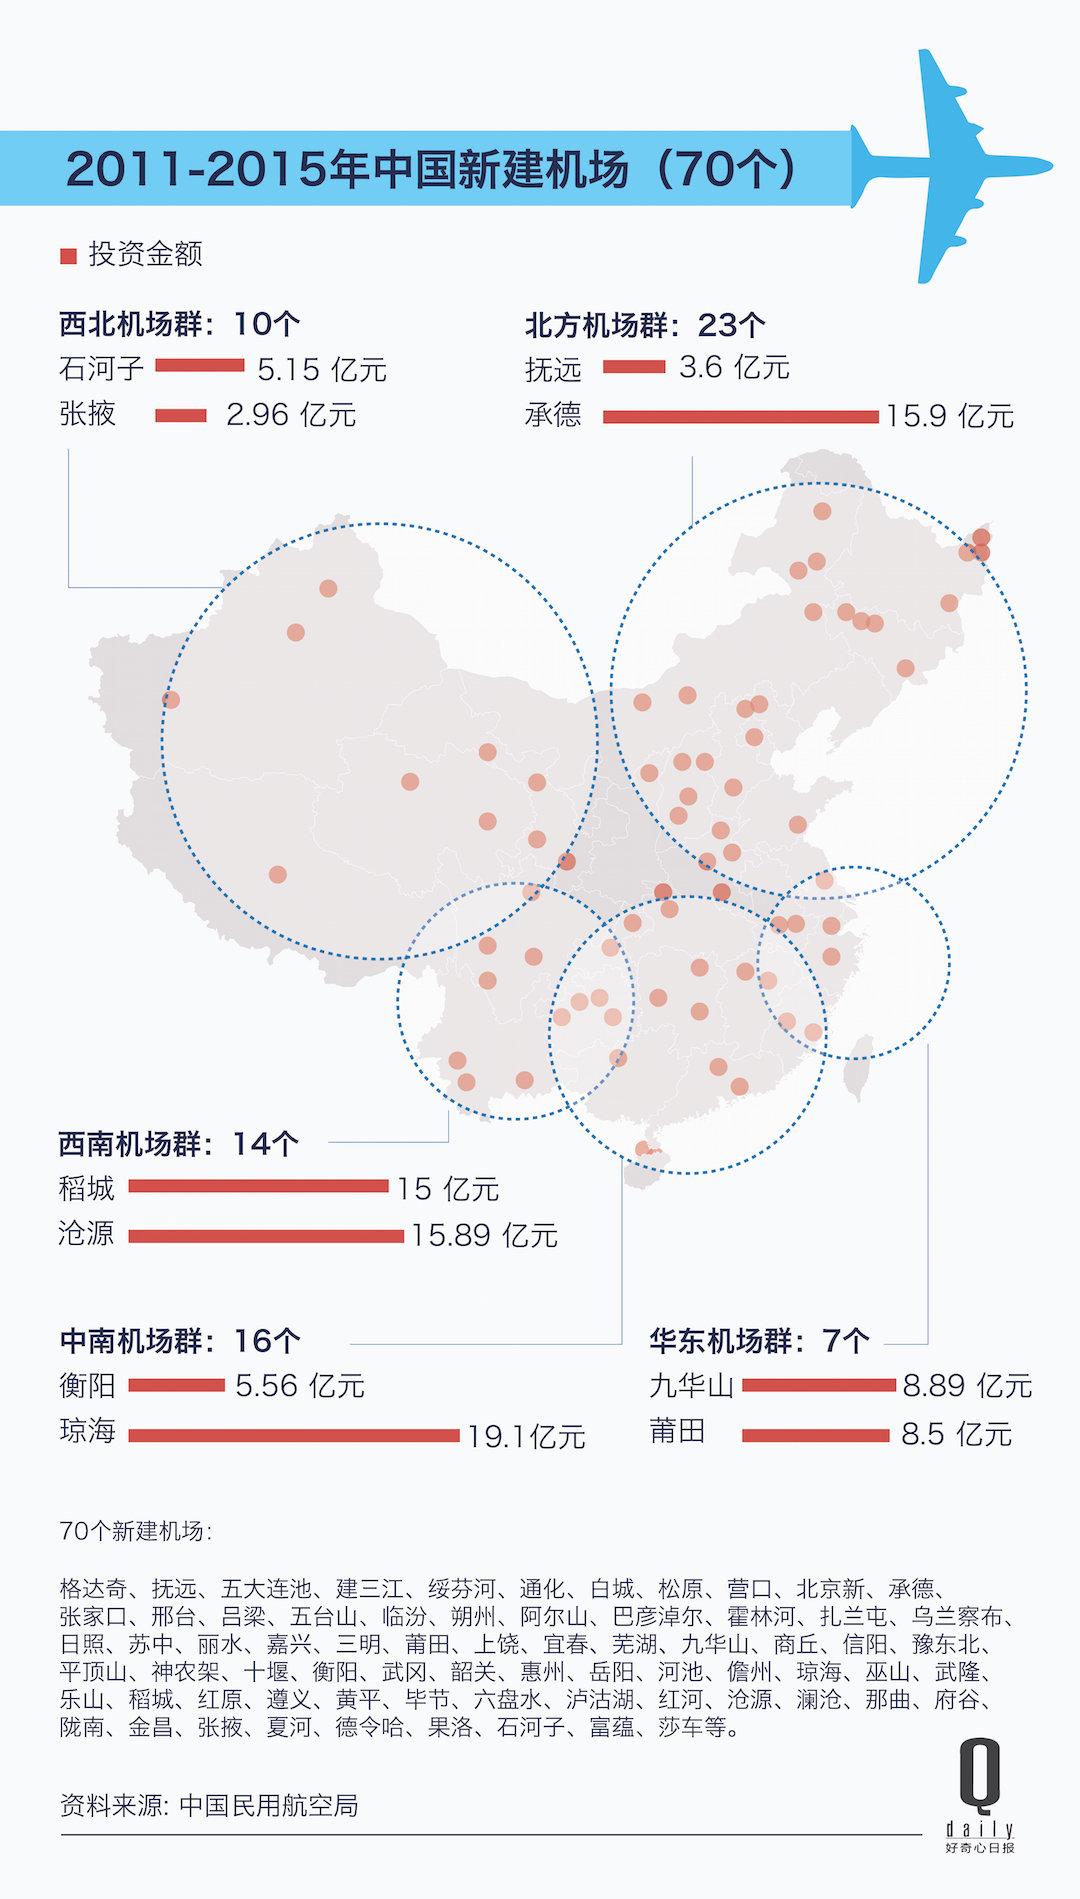 中国 7 成以上的机场都亏,但偏远地区还在不停建机场|好奇心小数据_商业_好奇心日报